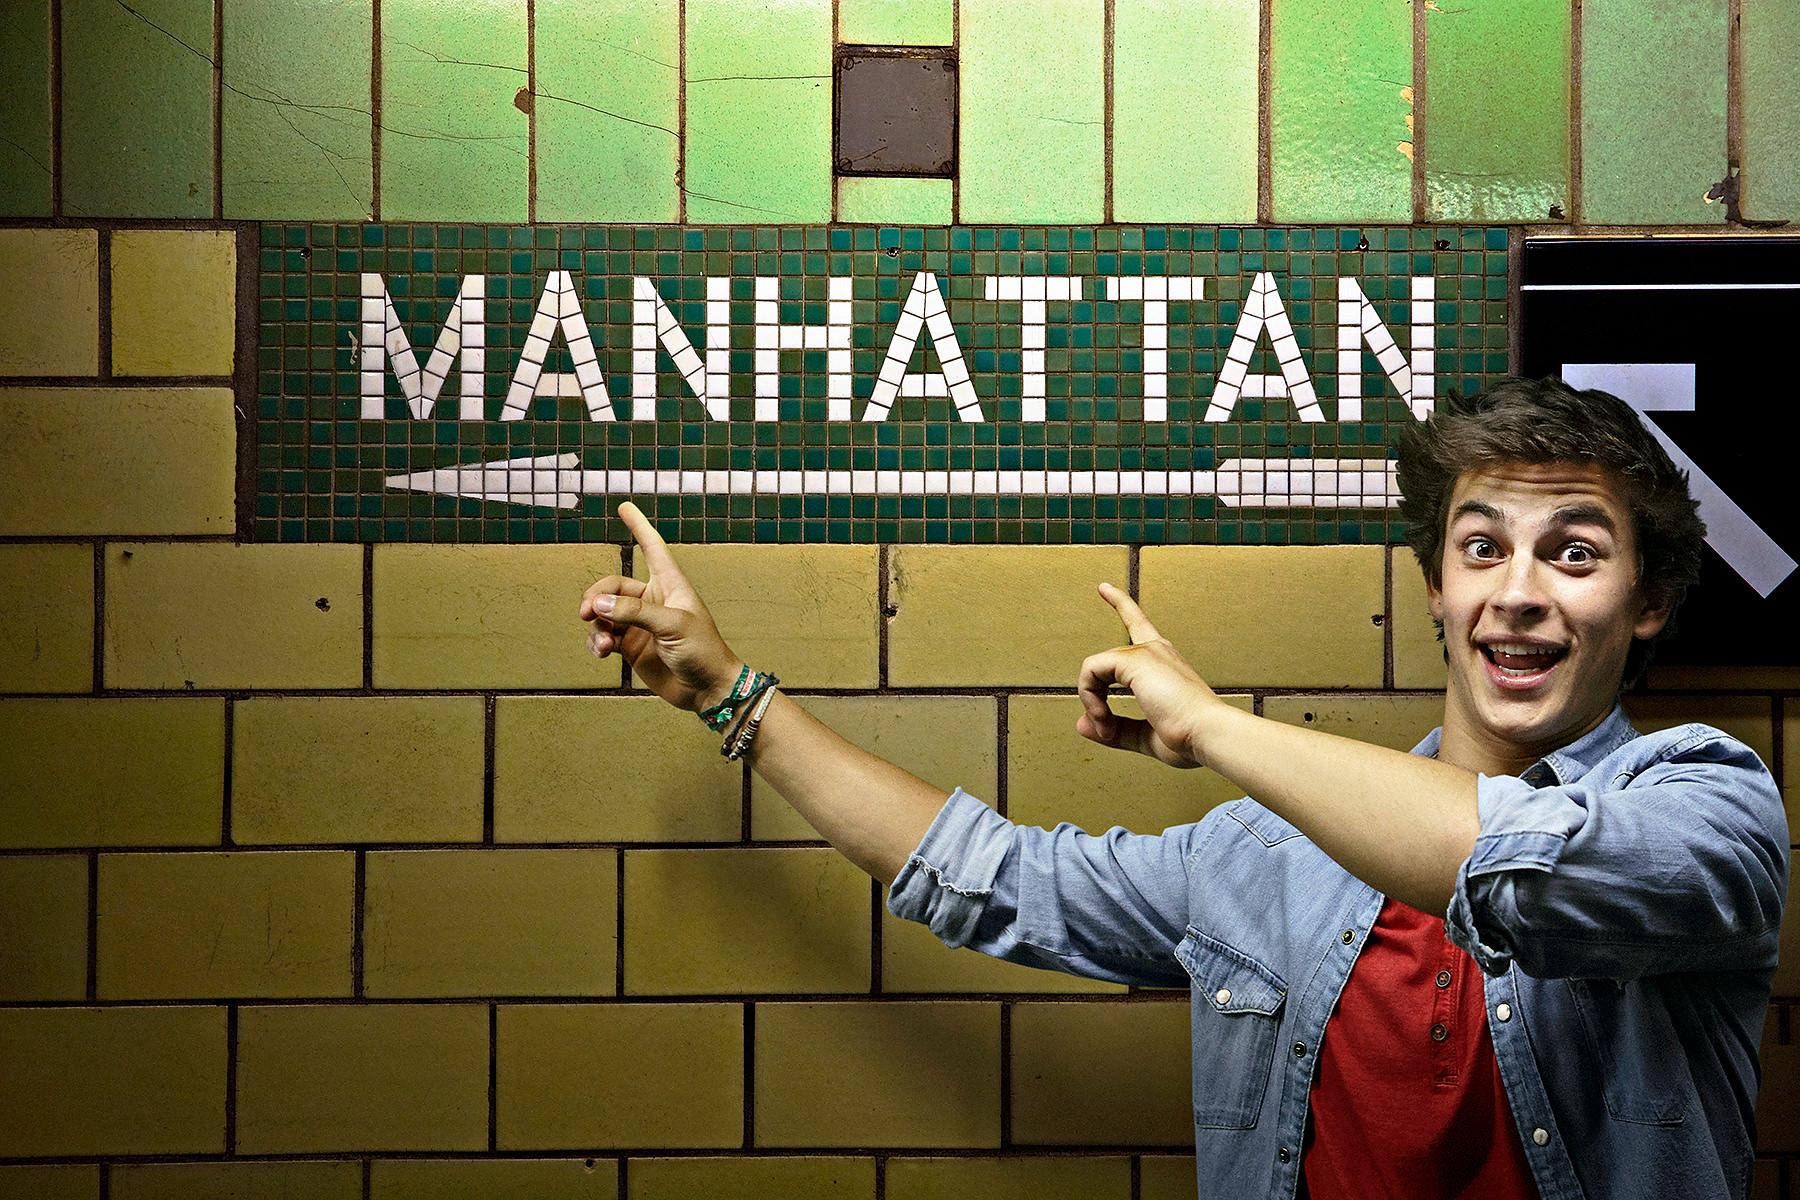 Manhattan Subway Sign